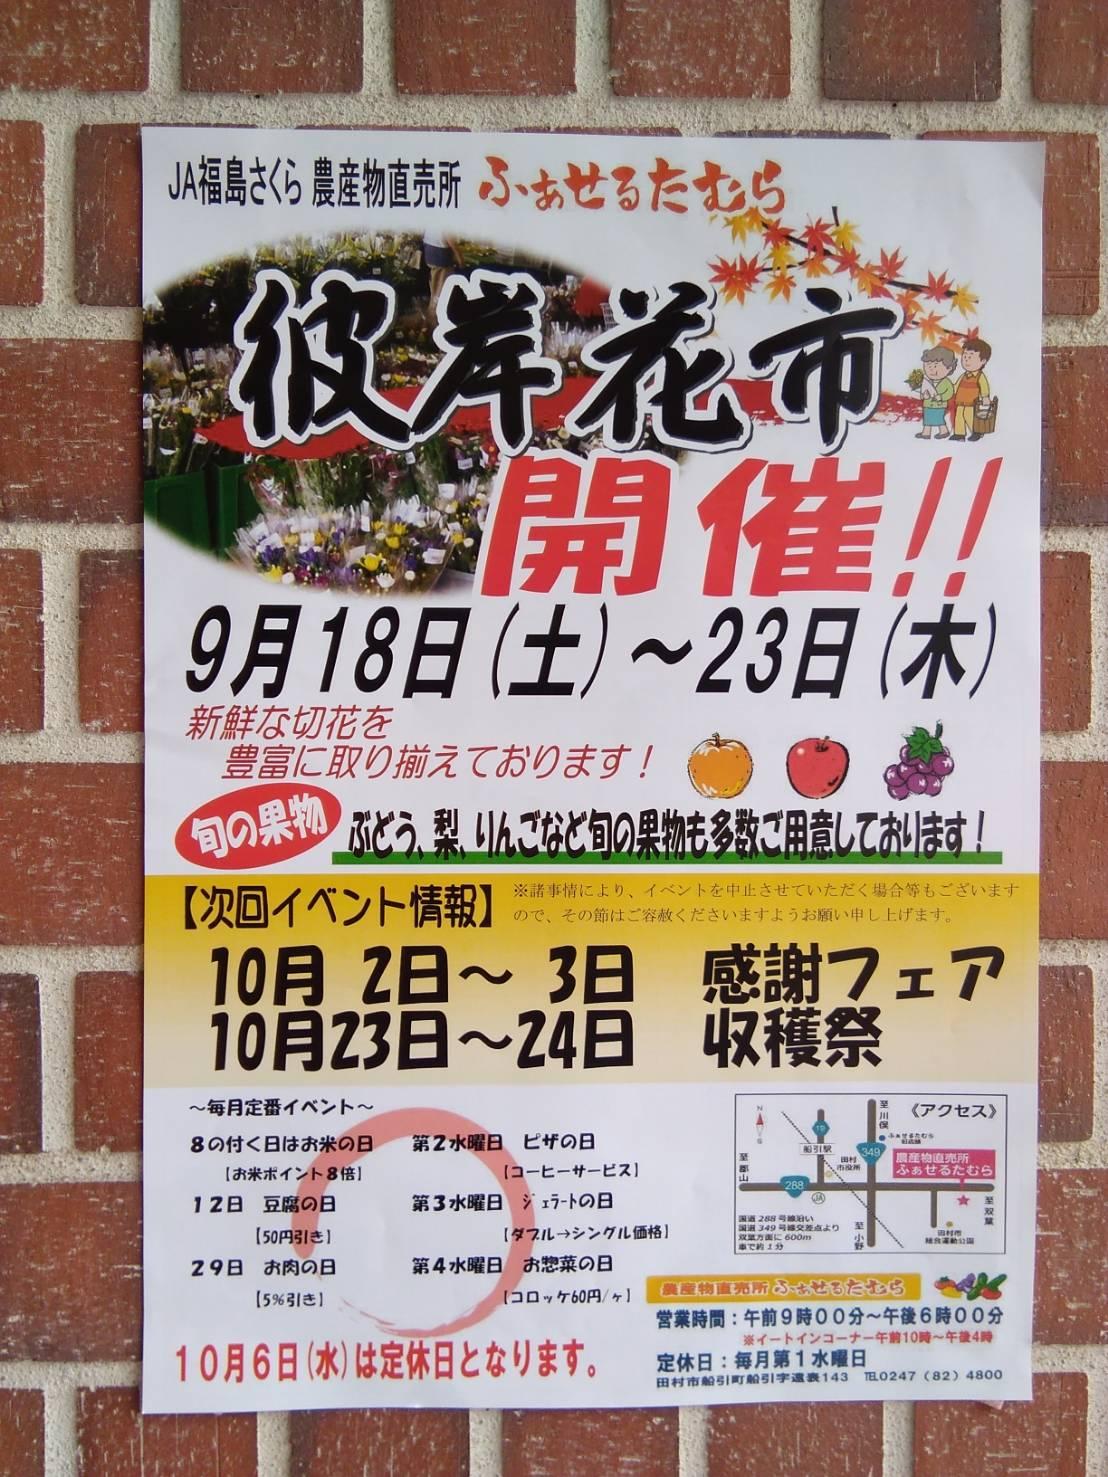 ふぁせるたむら・彼岸花市開催◆9月18日(木)~23日(木)